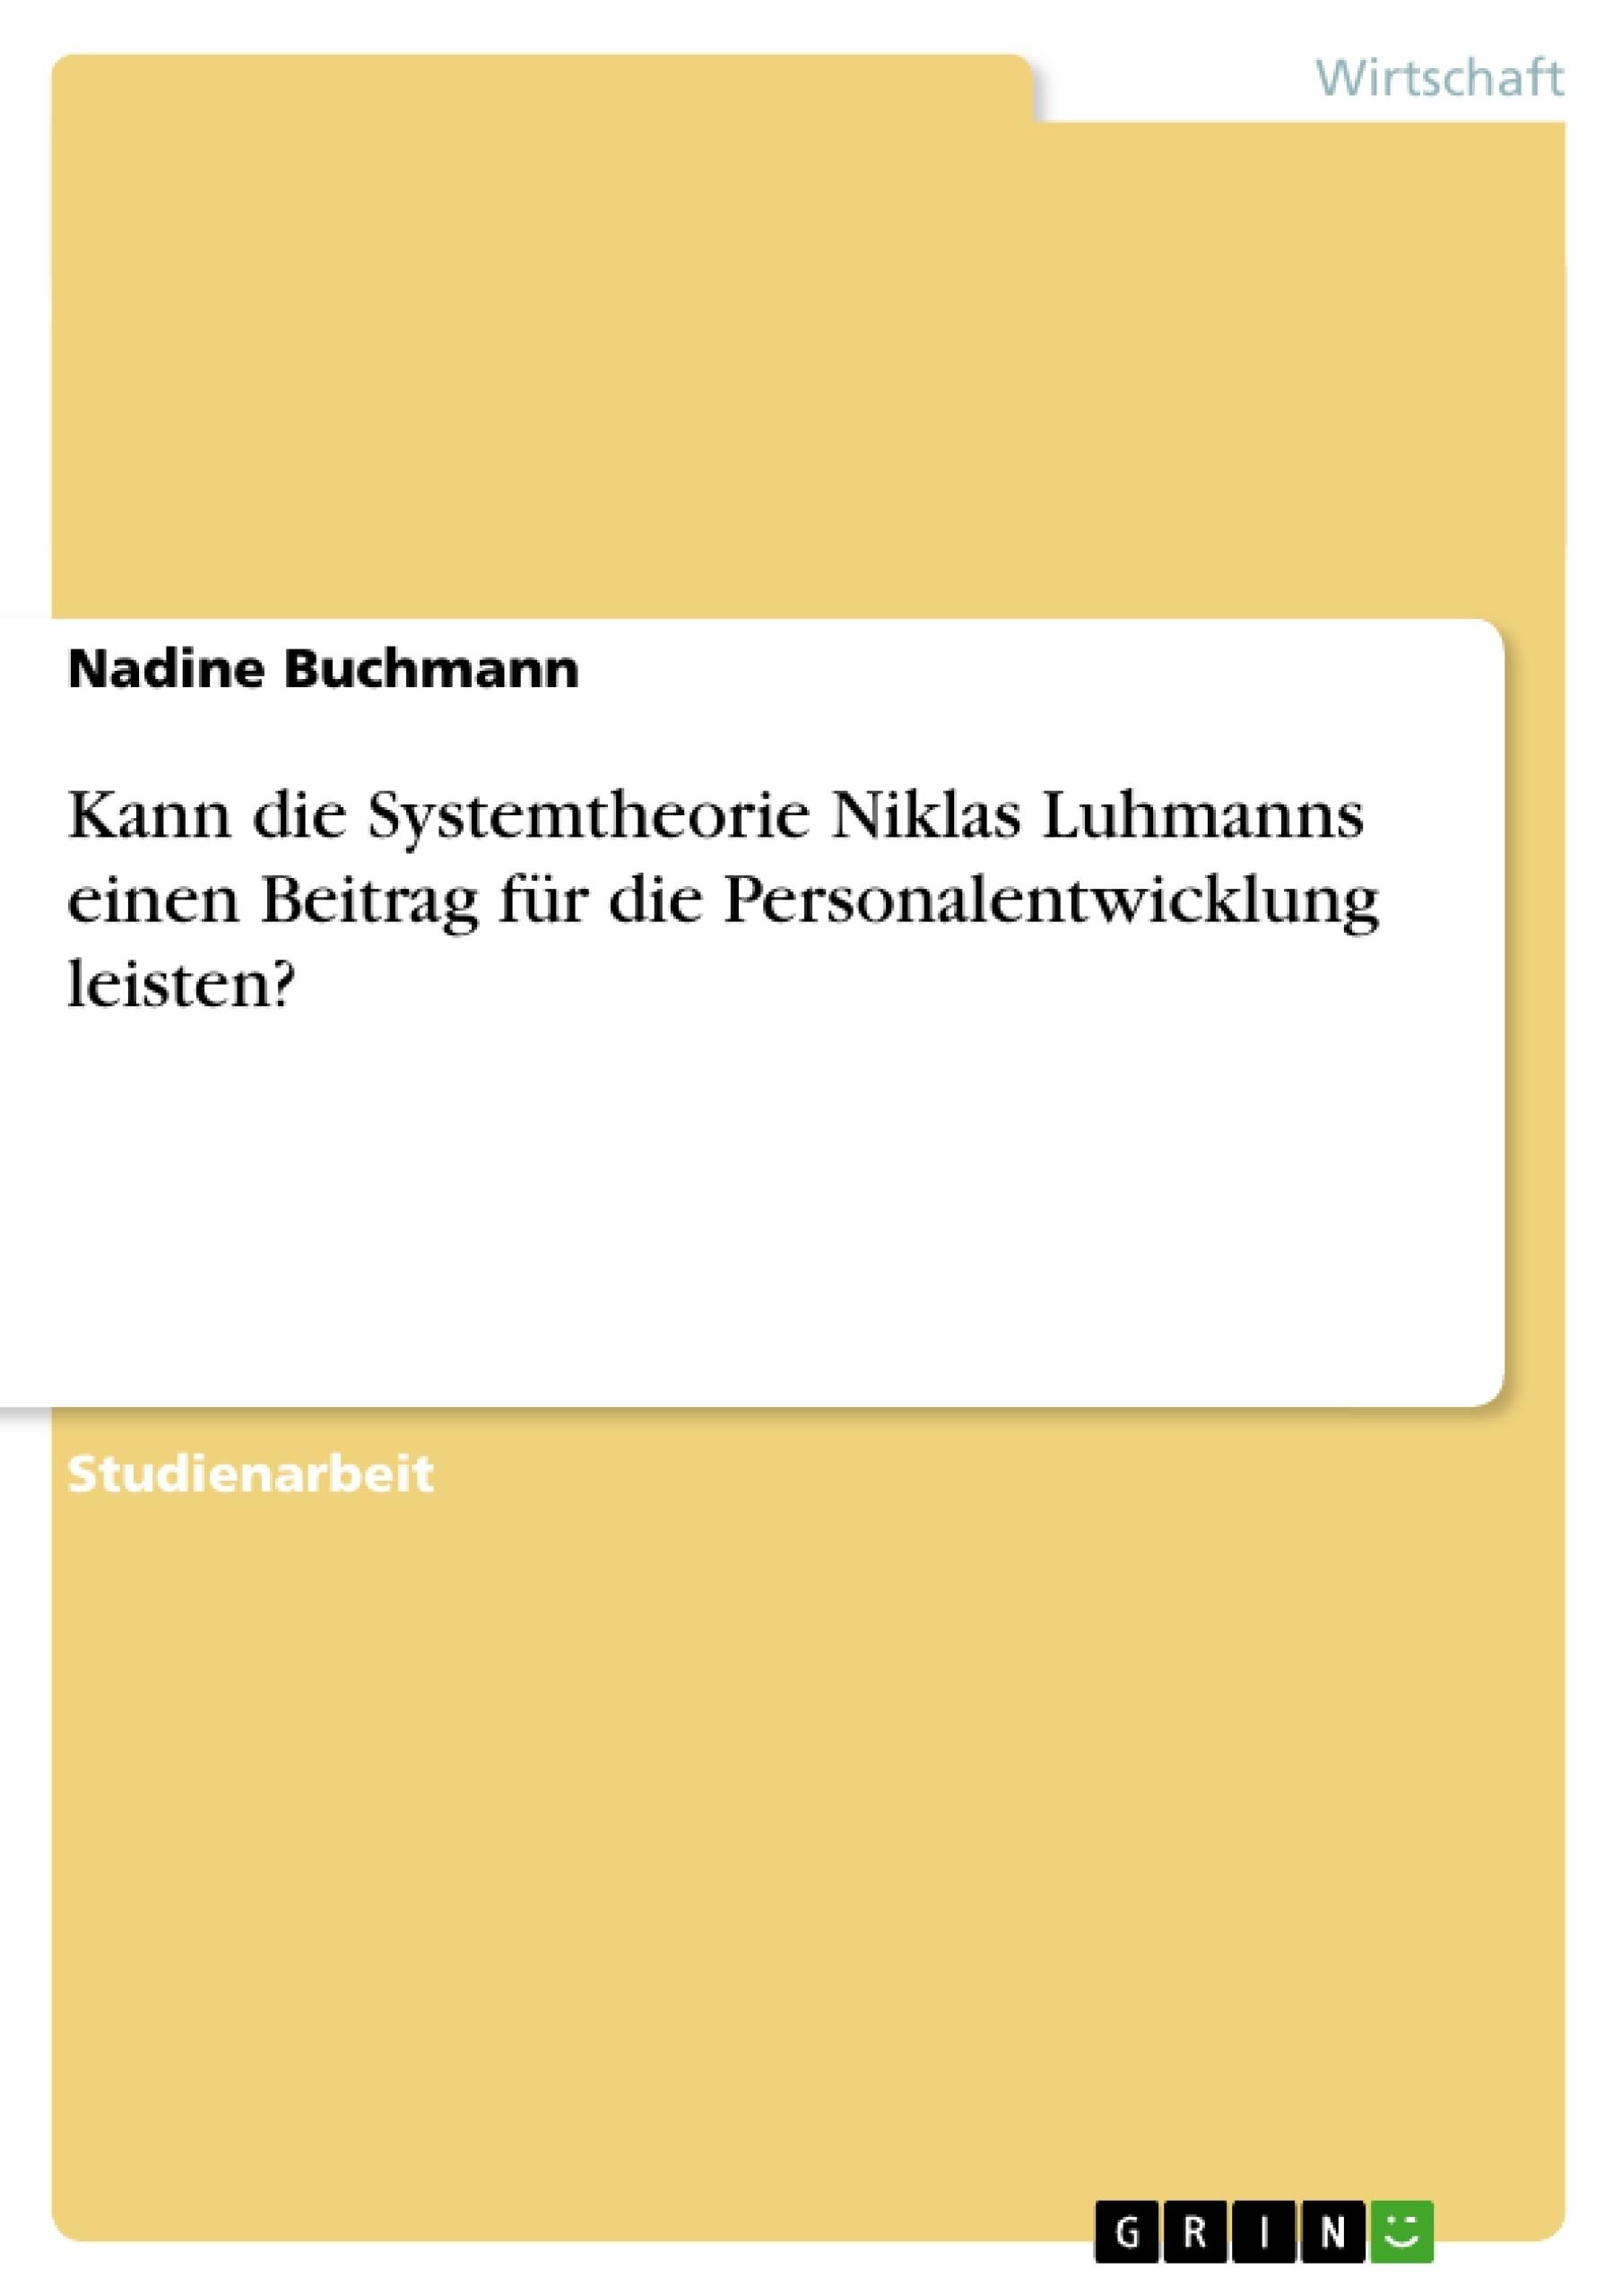 Titel: Kann die Systemtheorie Niklas Luhmanns einen Beitrag für die Personalentwicklung leisten?